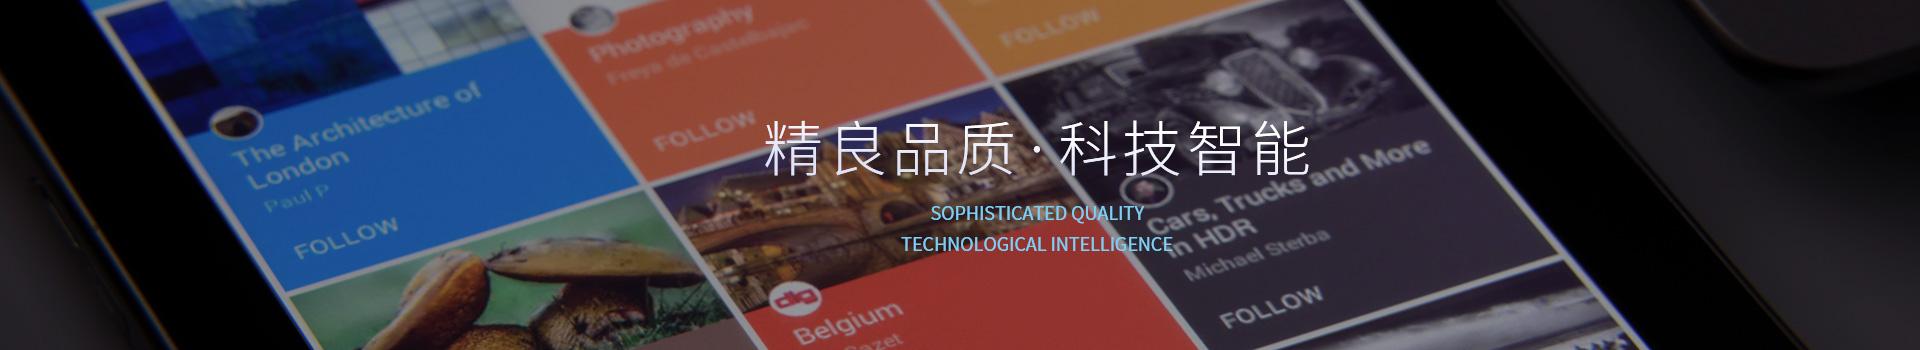 景信科技 精良品质 科技智能